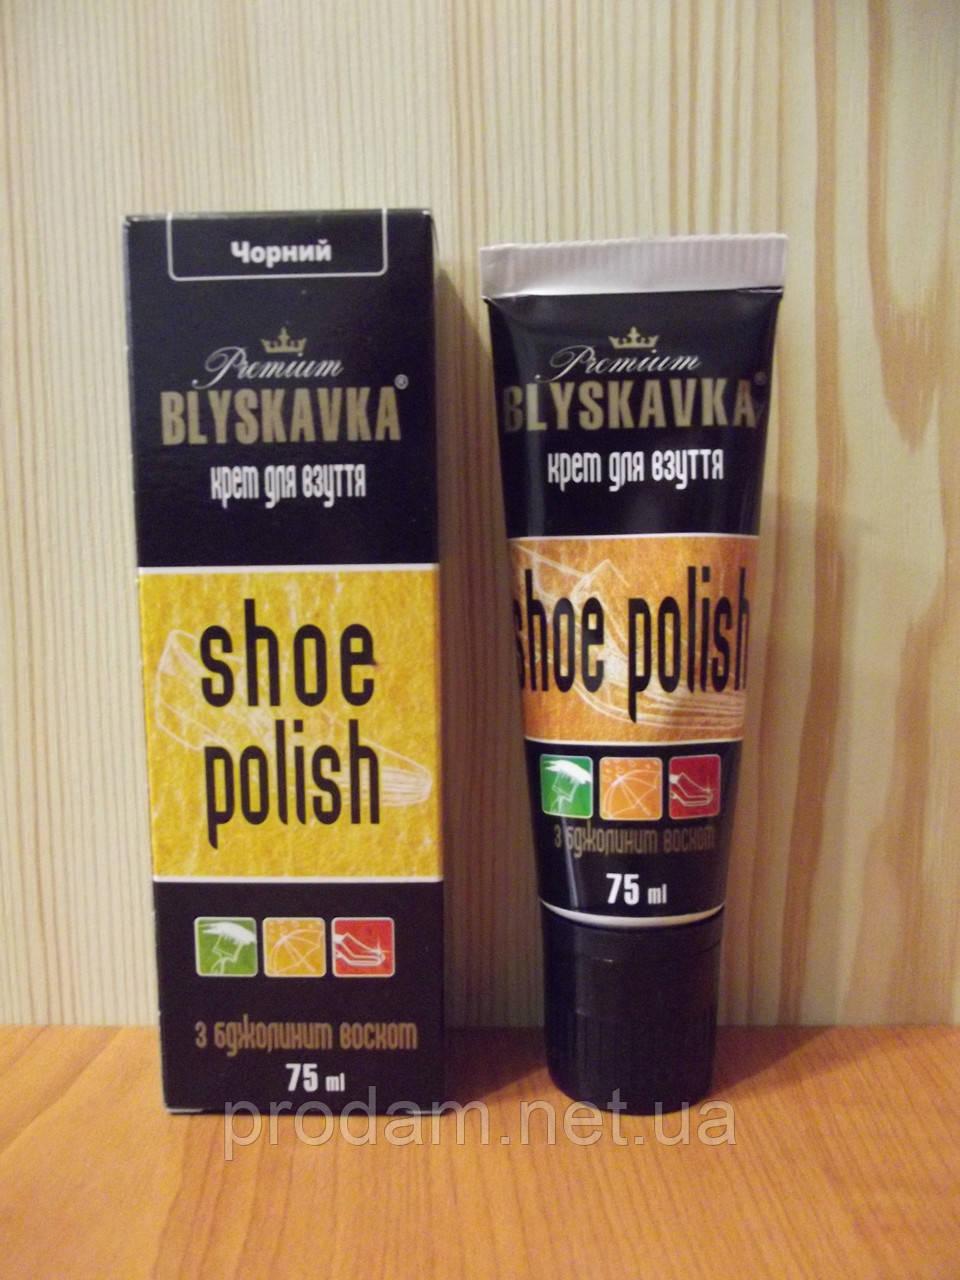 Крем для обуви BLYSKAVKA 75мл с гукой рыжий